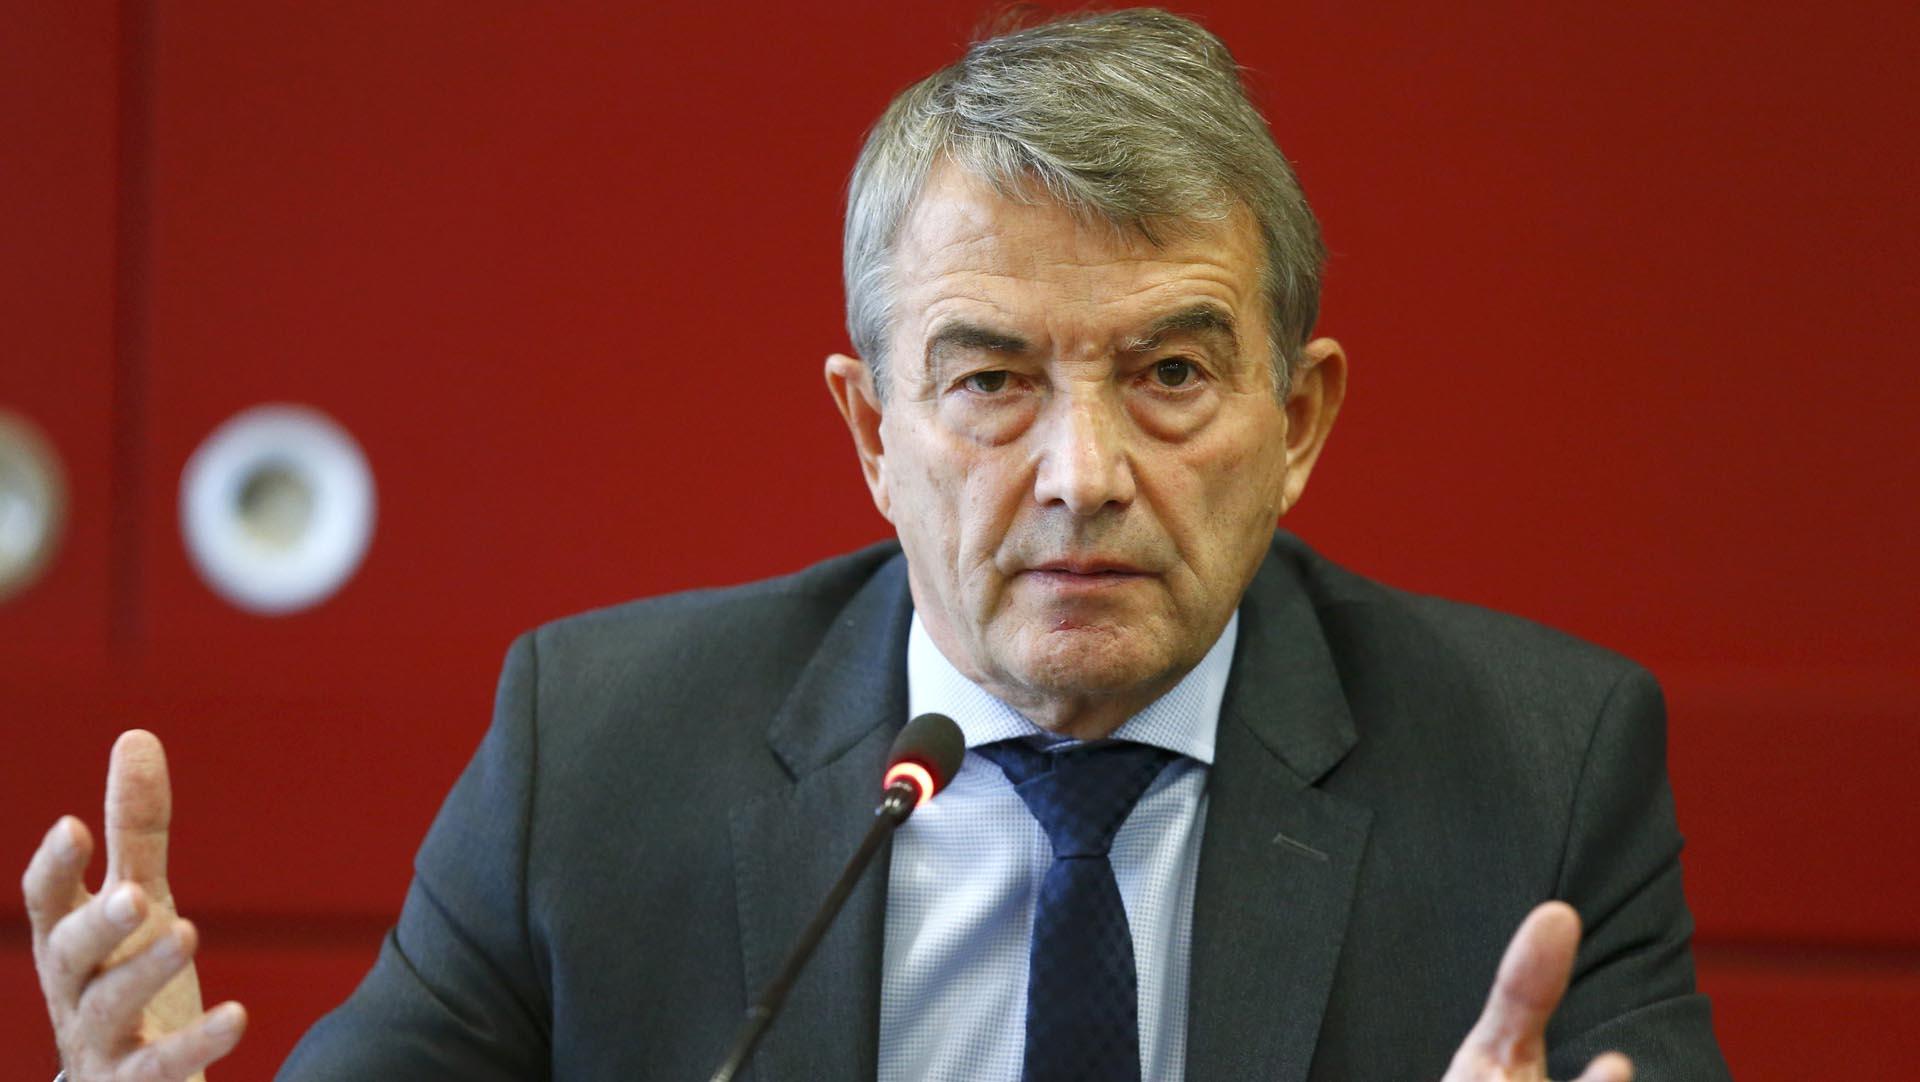 El jefe de la DFB aseguró no tener conocimiento sobre el pago de este dinero a la FIFA